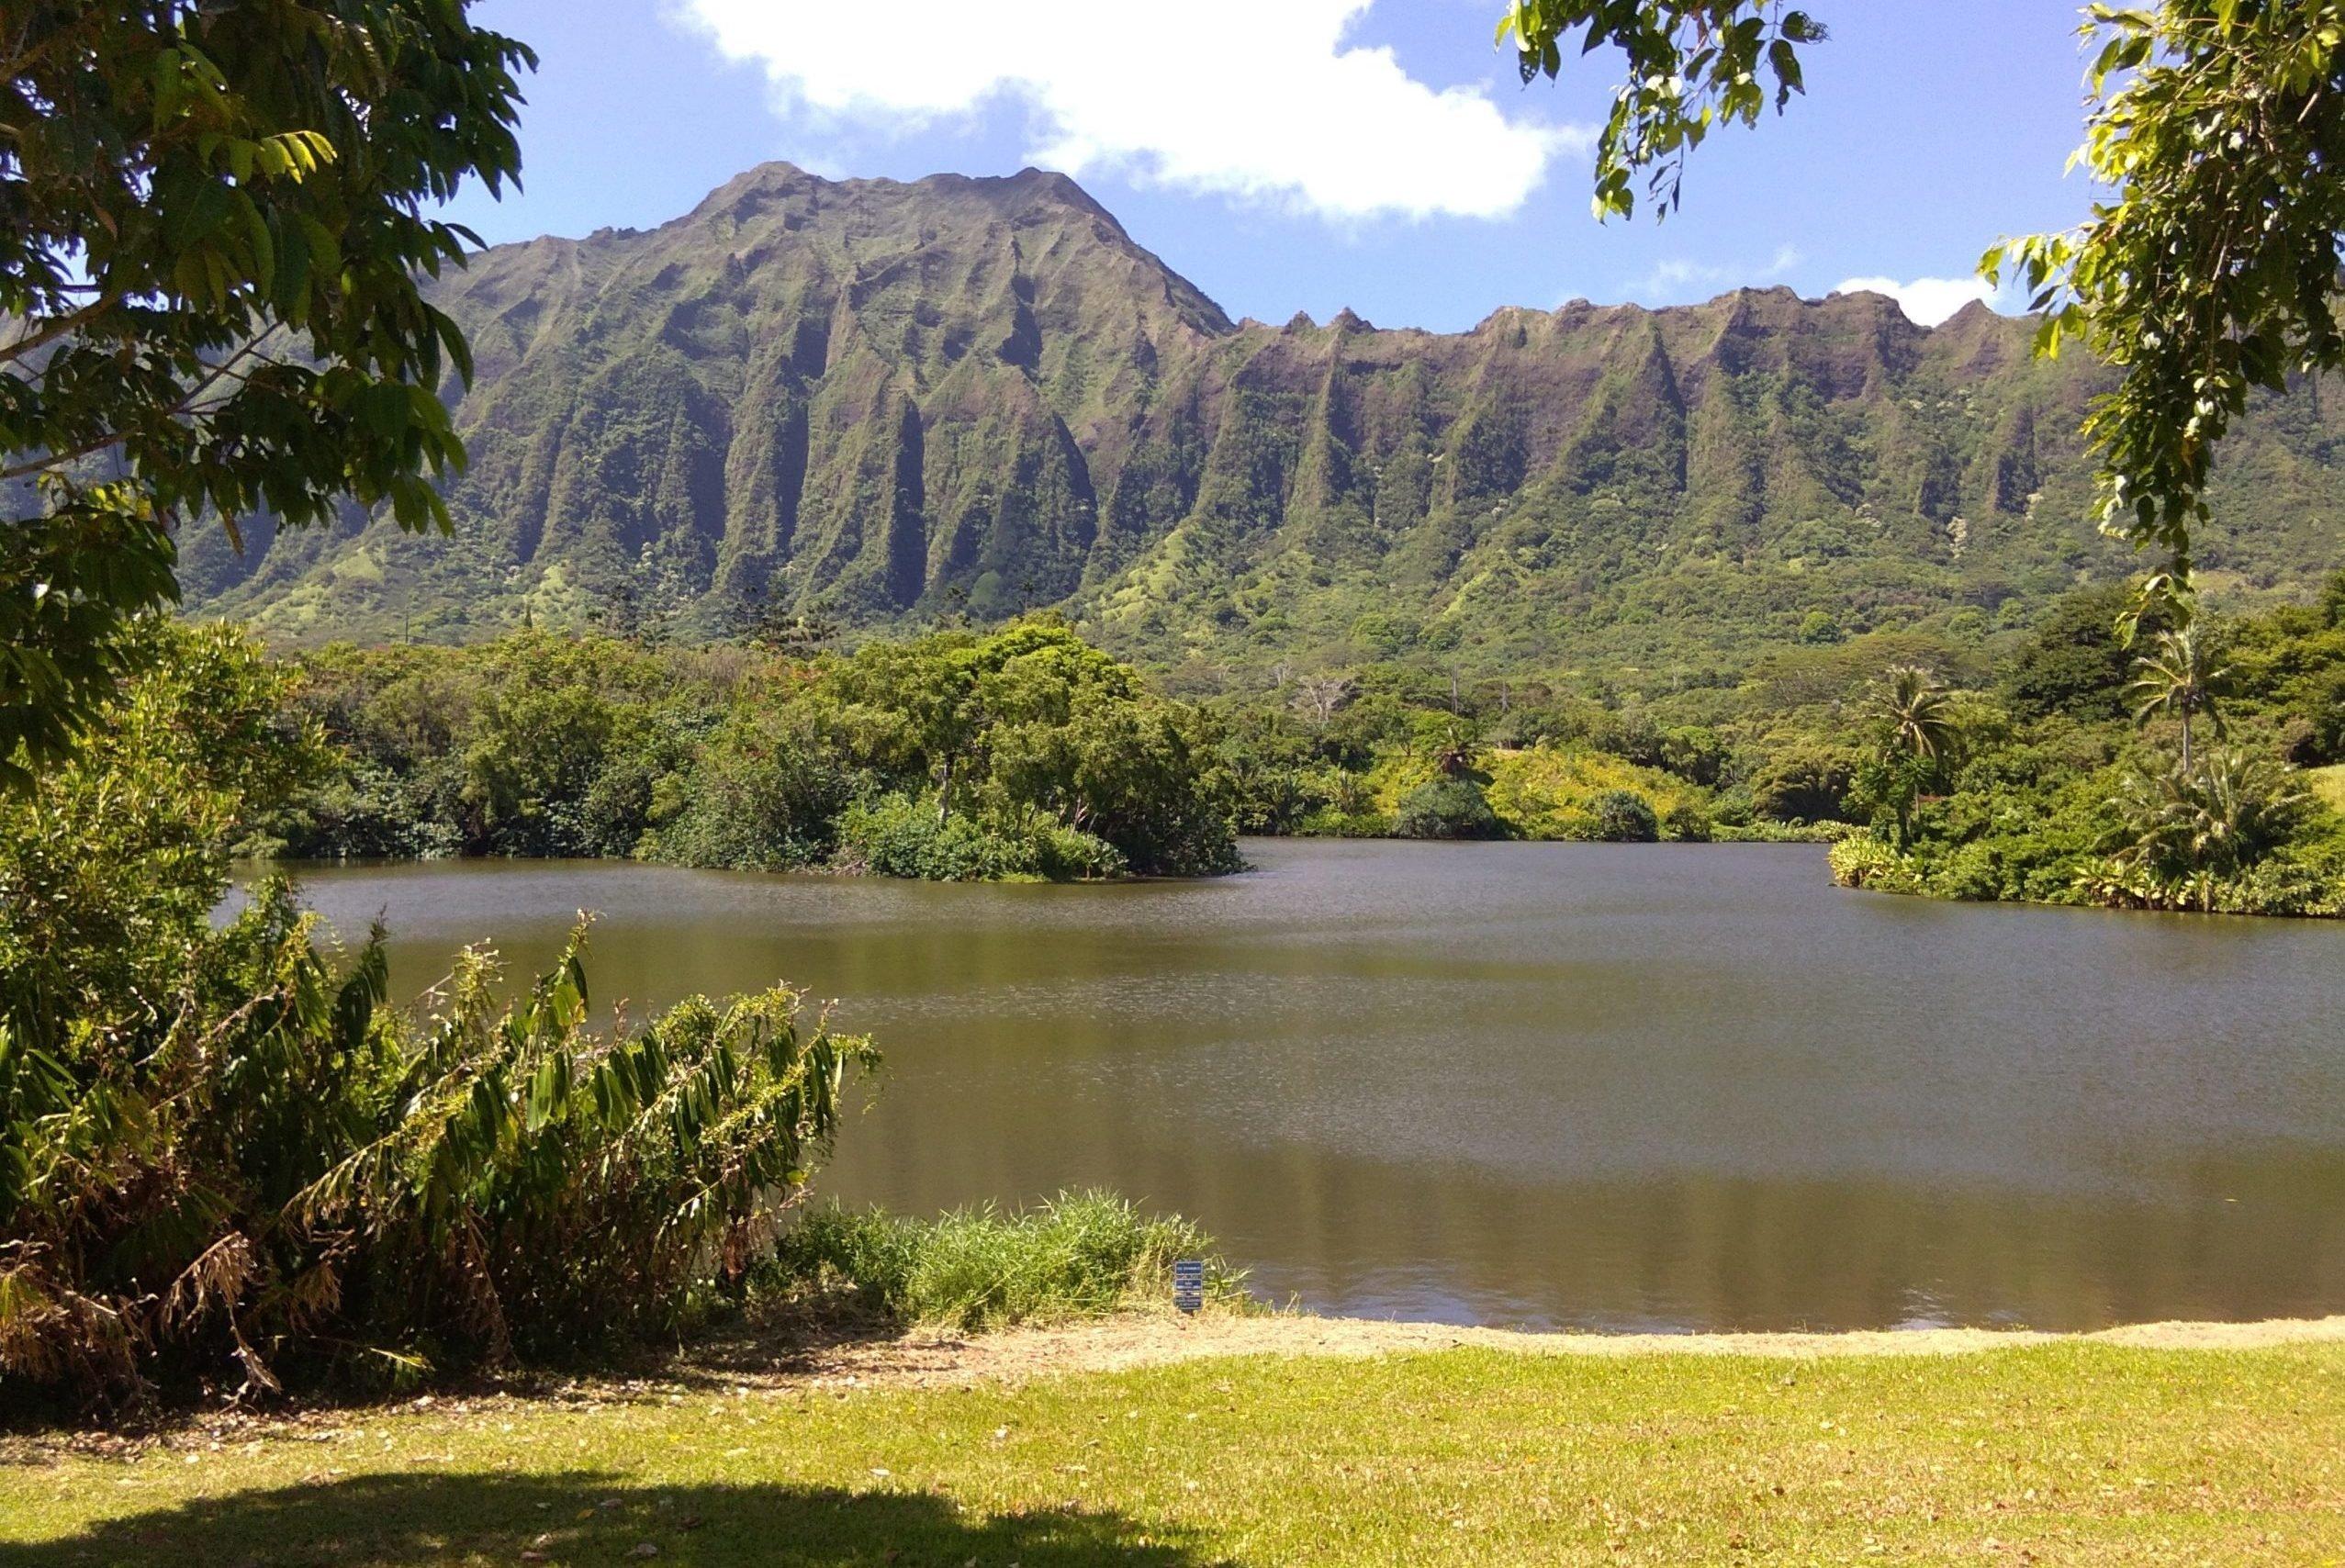 Hawaii: Ho'omaluhia Botanical Garden Lake